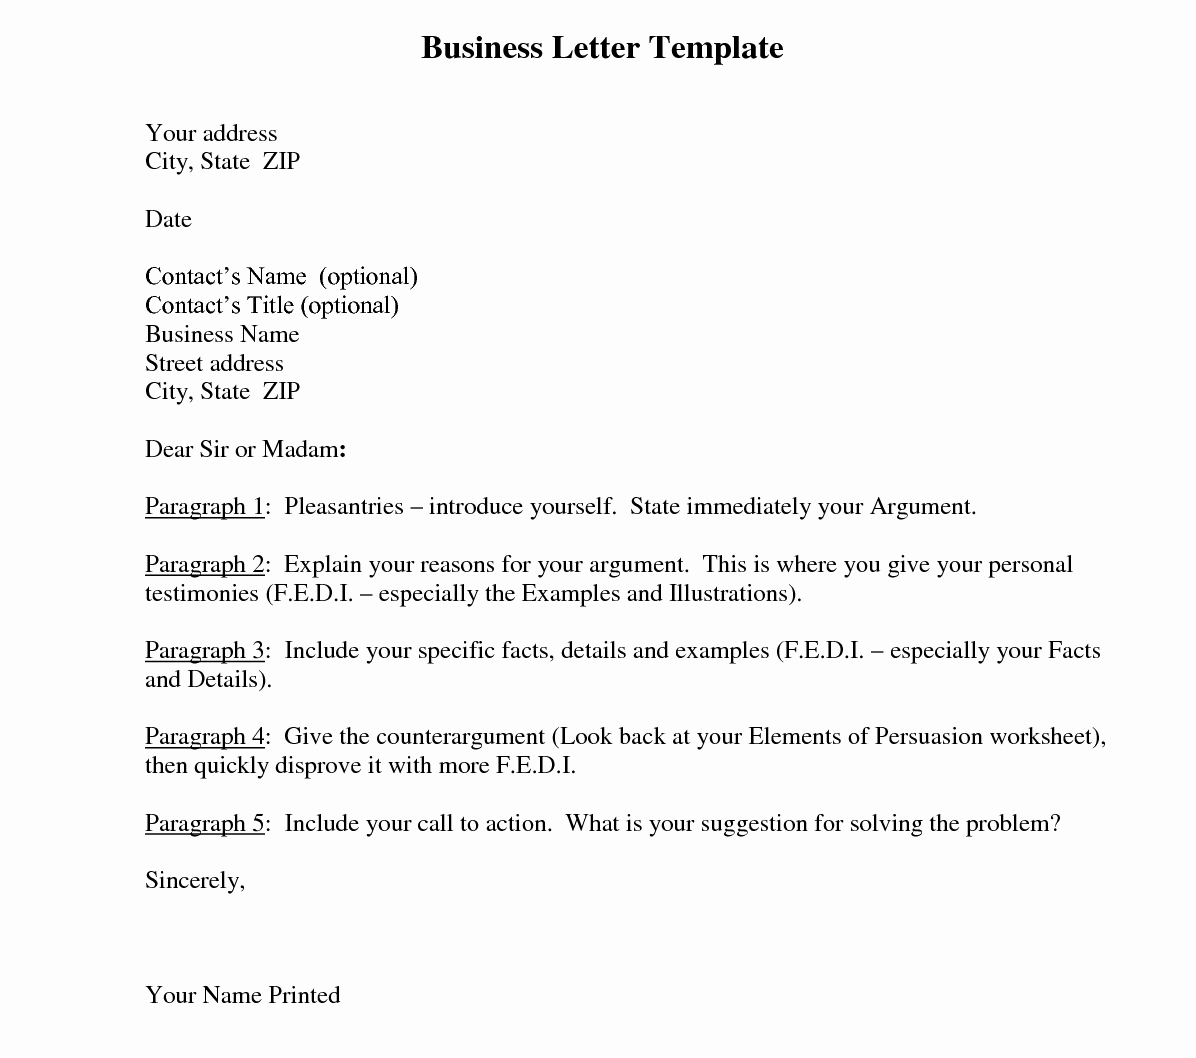 Formal Business Letter format Template Elegant Business Letter Template and their Benefits